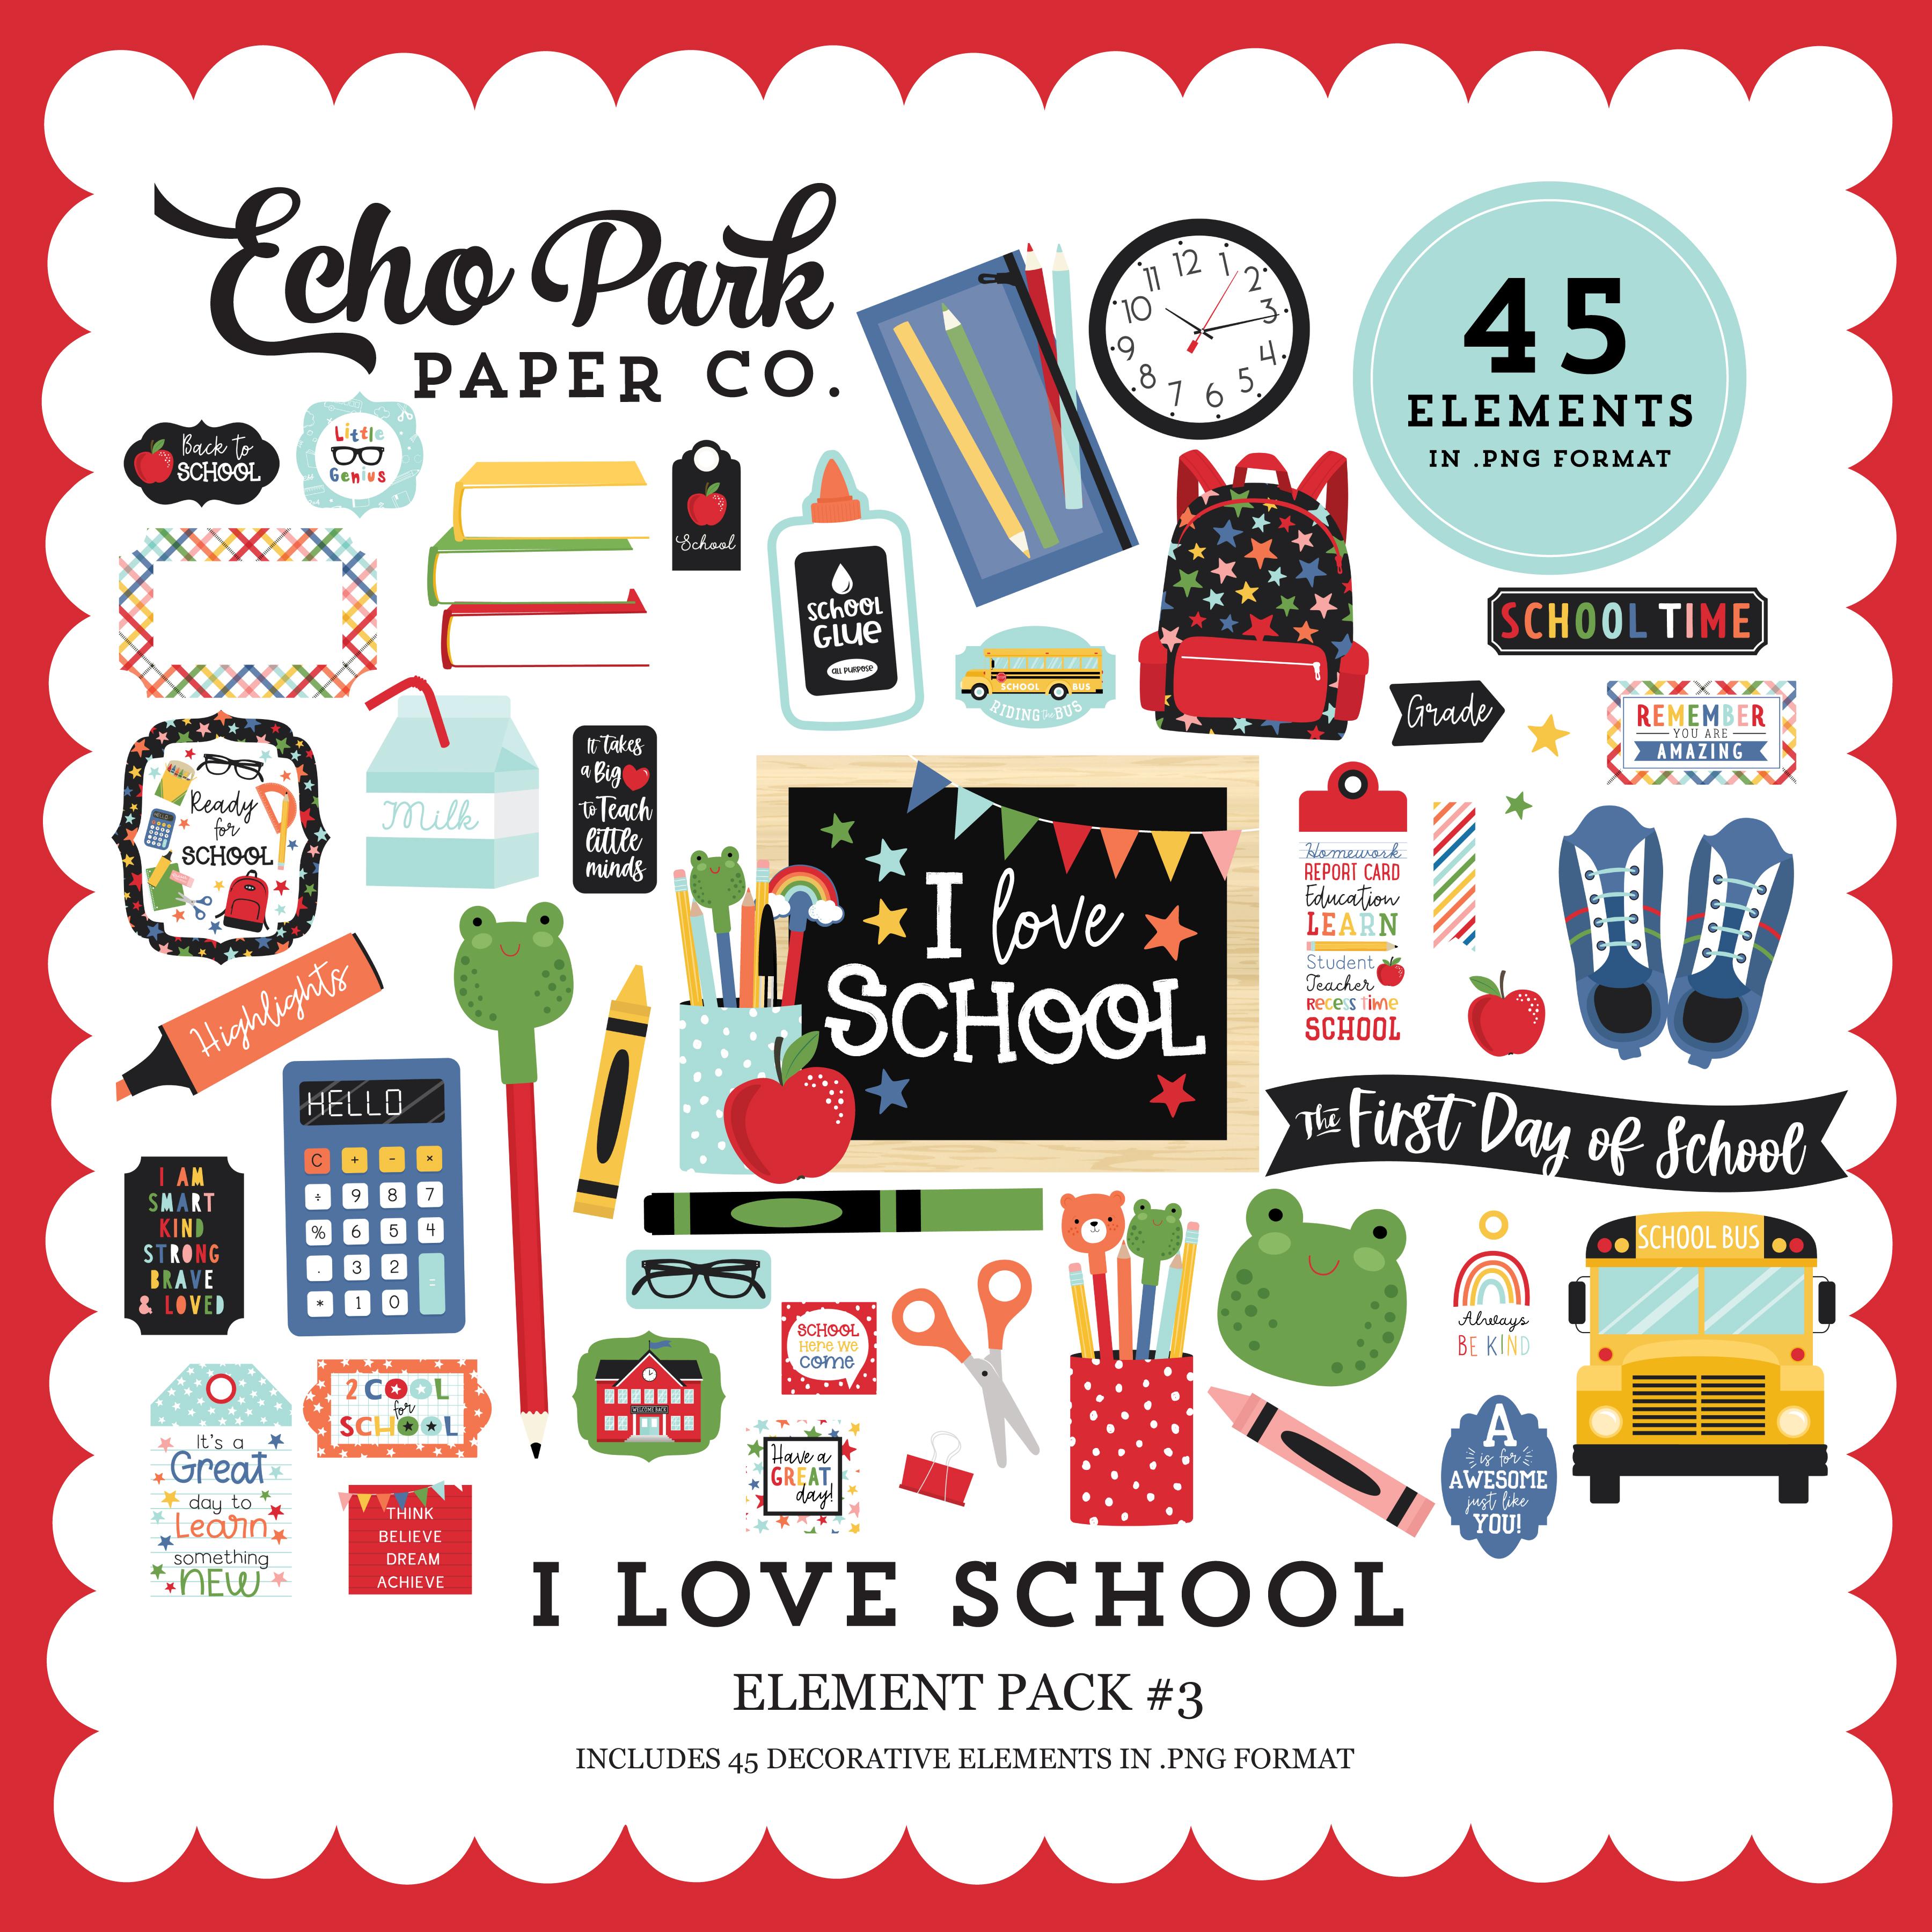 I Love School Element Pack #3